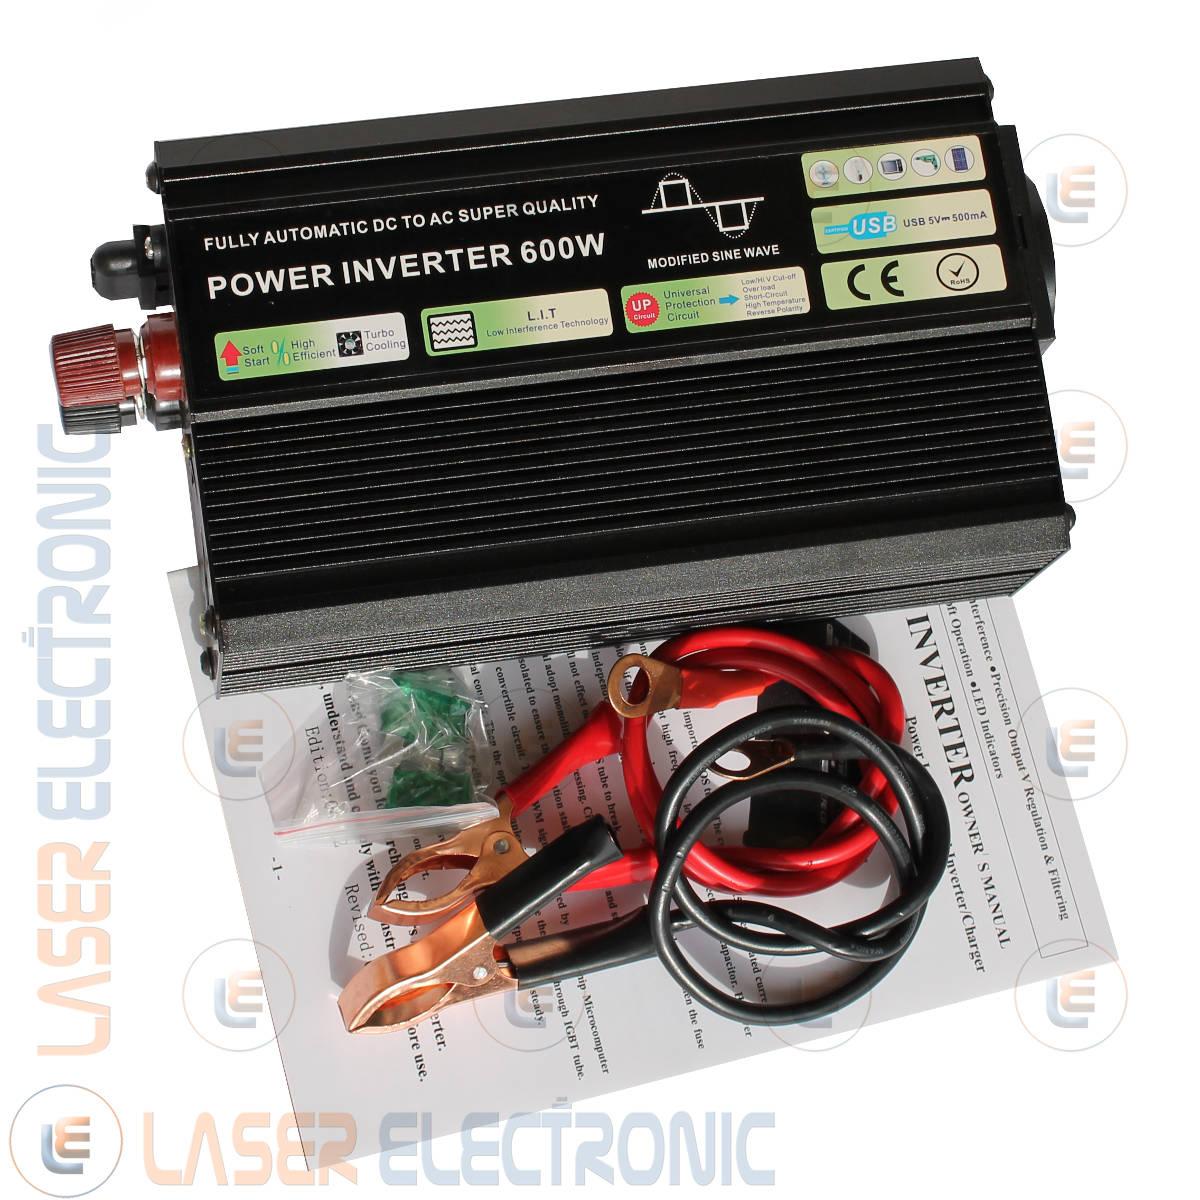 POWER INVERTER 600W ONDA SINUSOIDALE MODIFICATA DA 12V DC A 220-230V AC